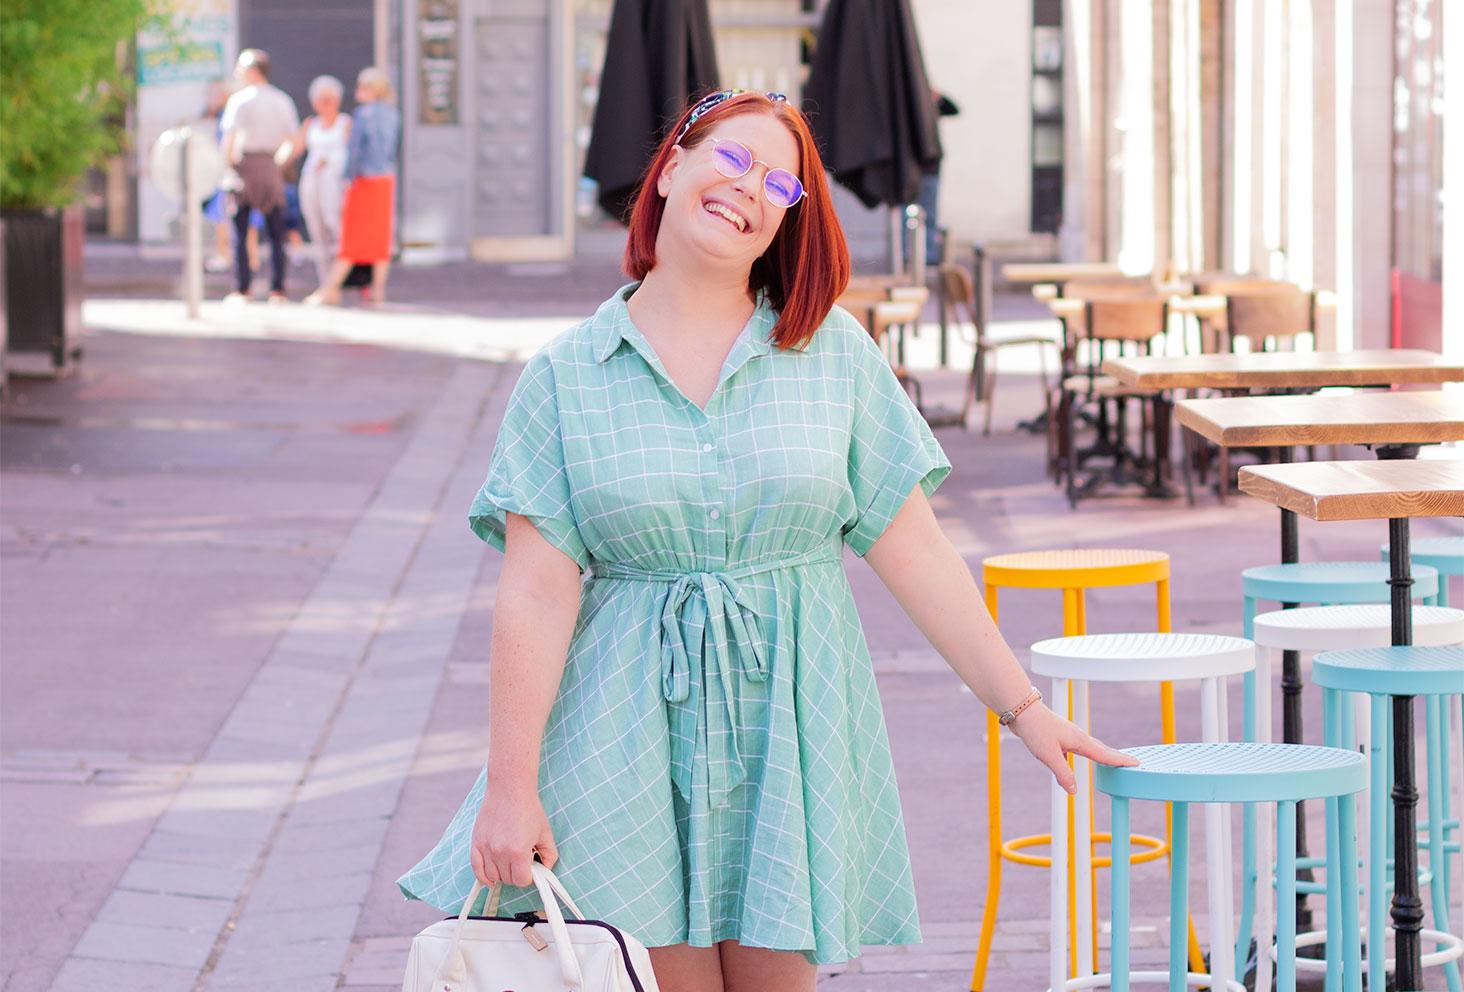 En robe chemise à carreaux turquoise, appuyée à un tabouret haut de la même couleur que la robe, avec le sourire et un sac tenu à la main